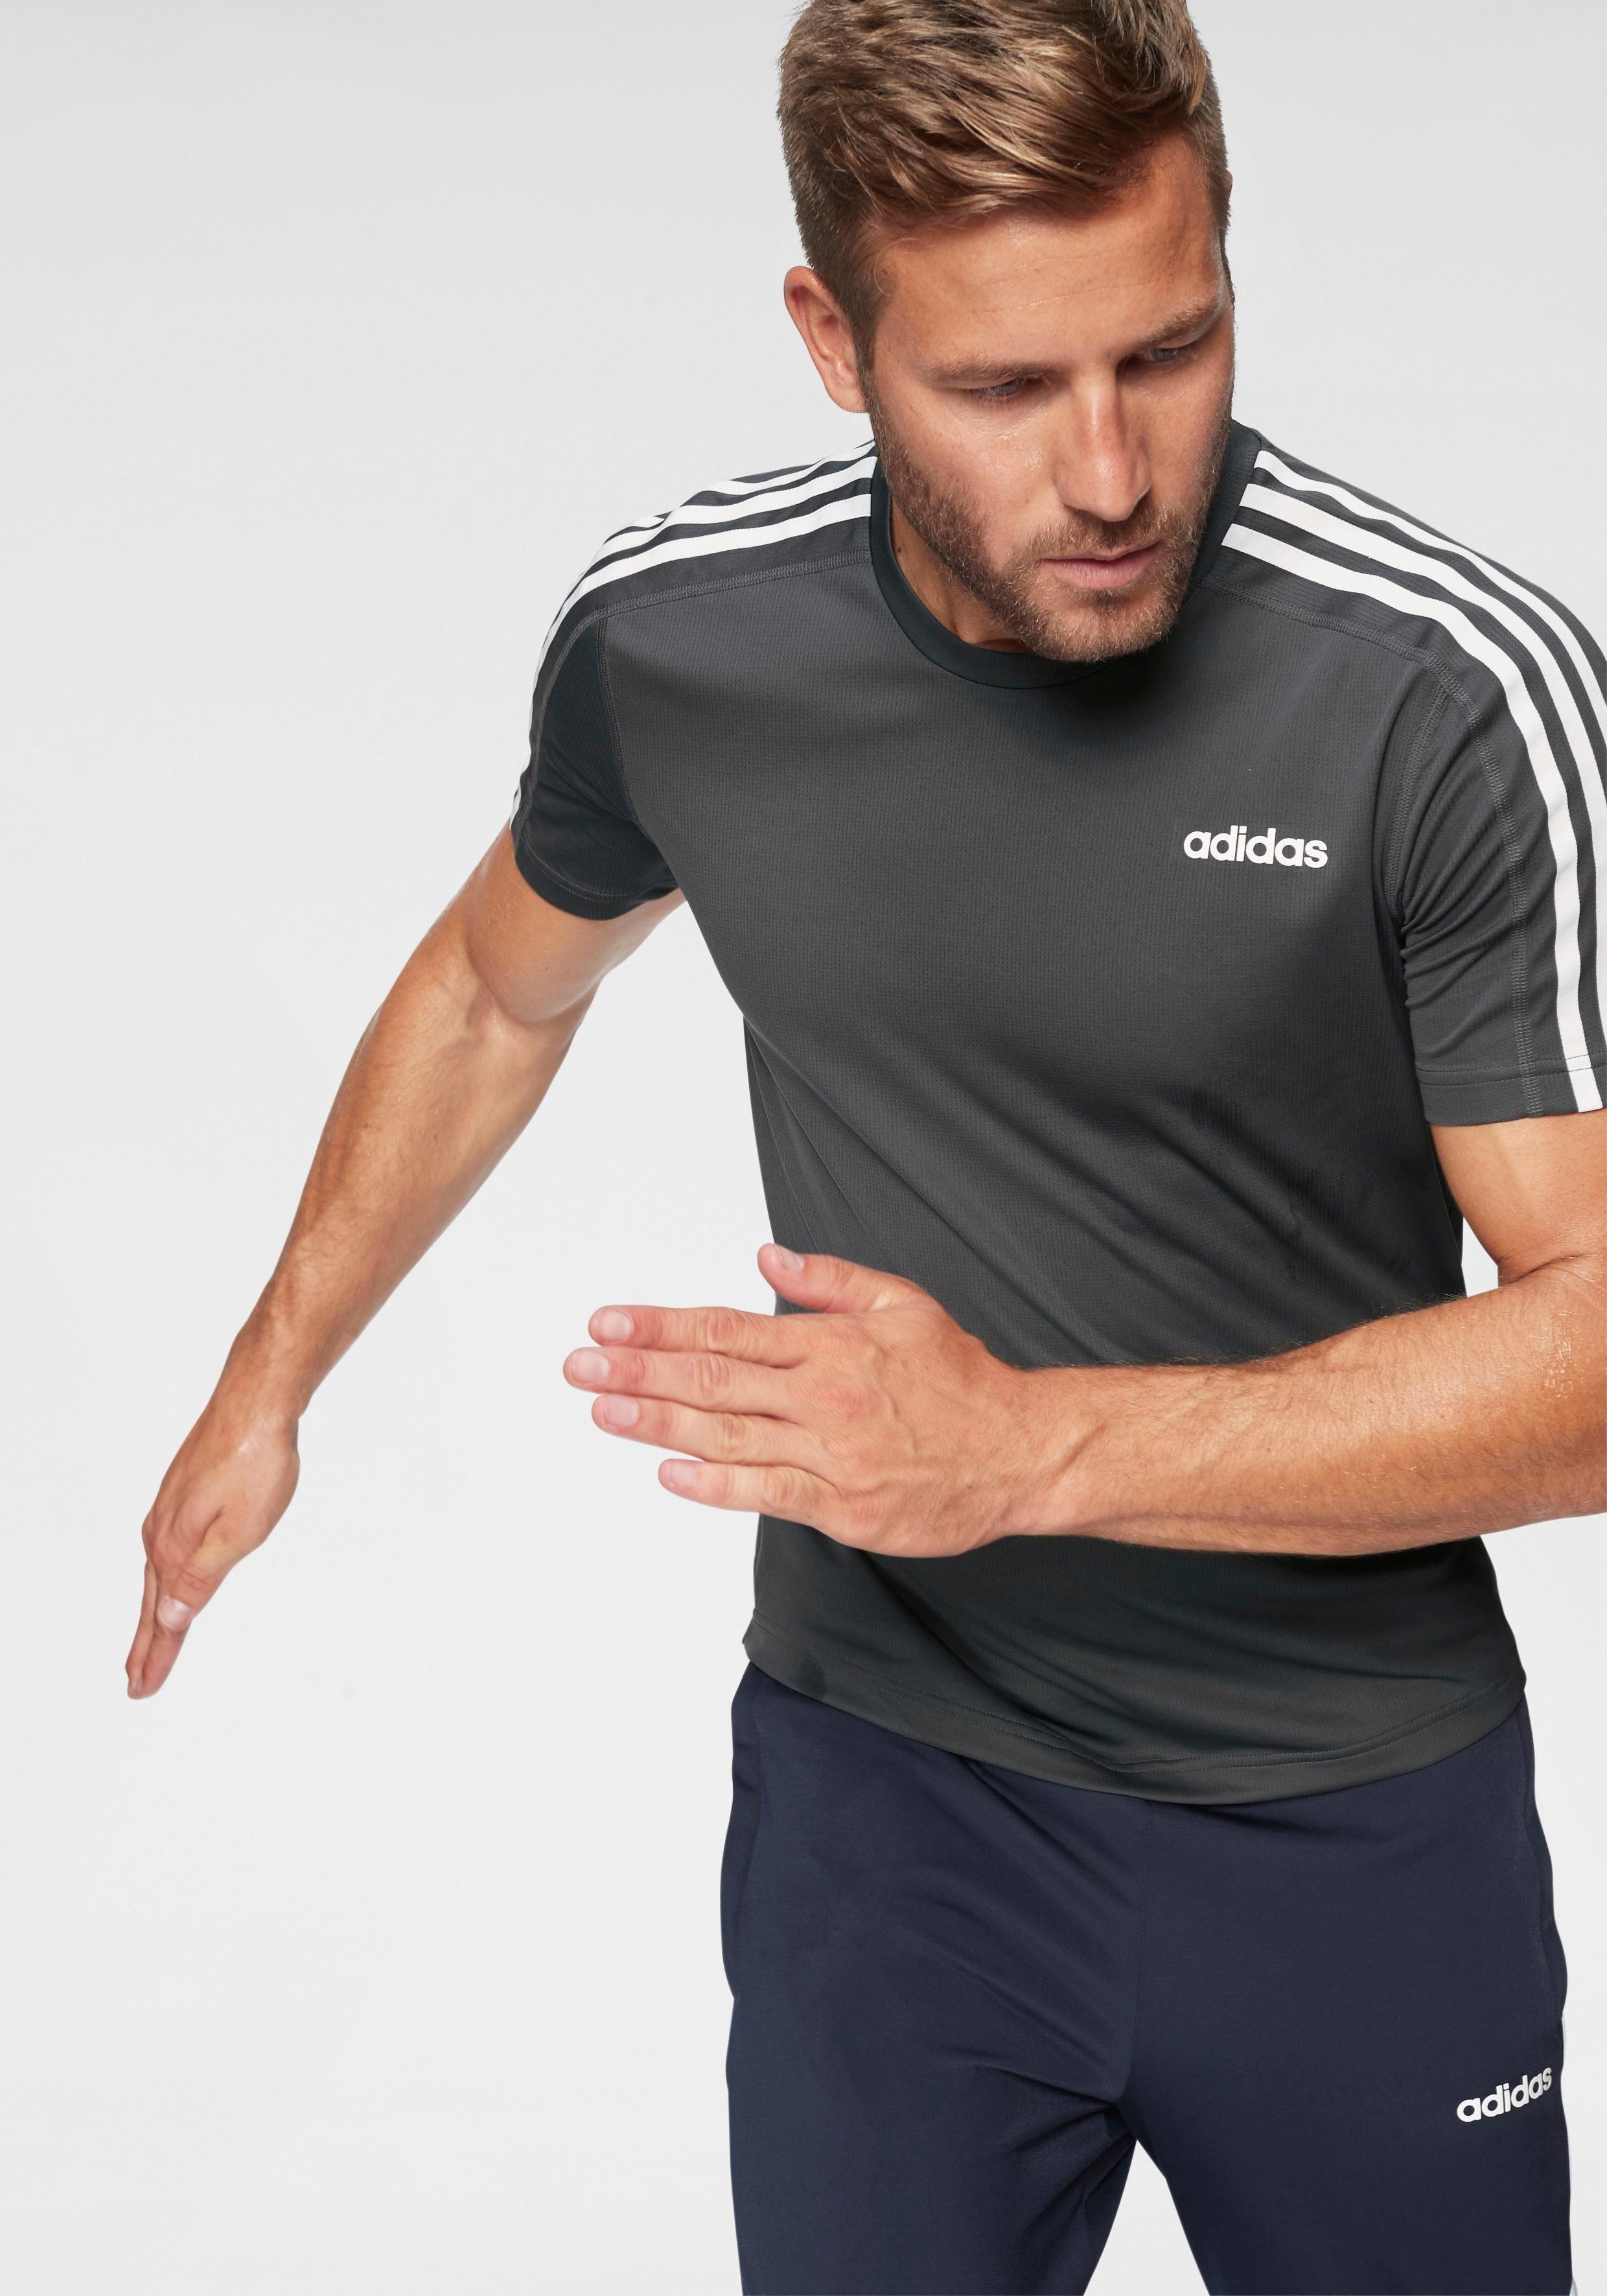 adidas T Shirt »D2M TEE 3 STRIPES«, T Shirt von adidas CORE SPORT online kaufen | OTTO